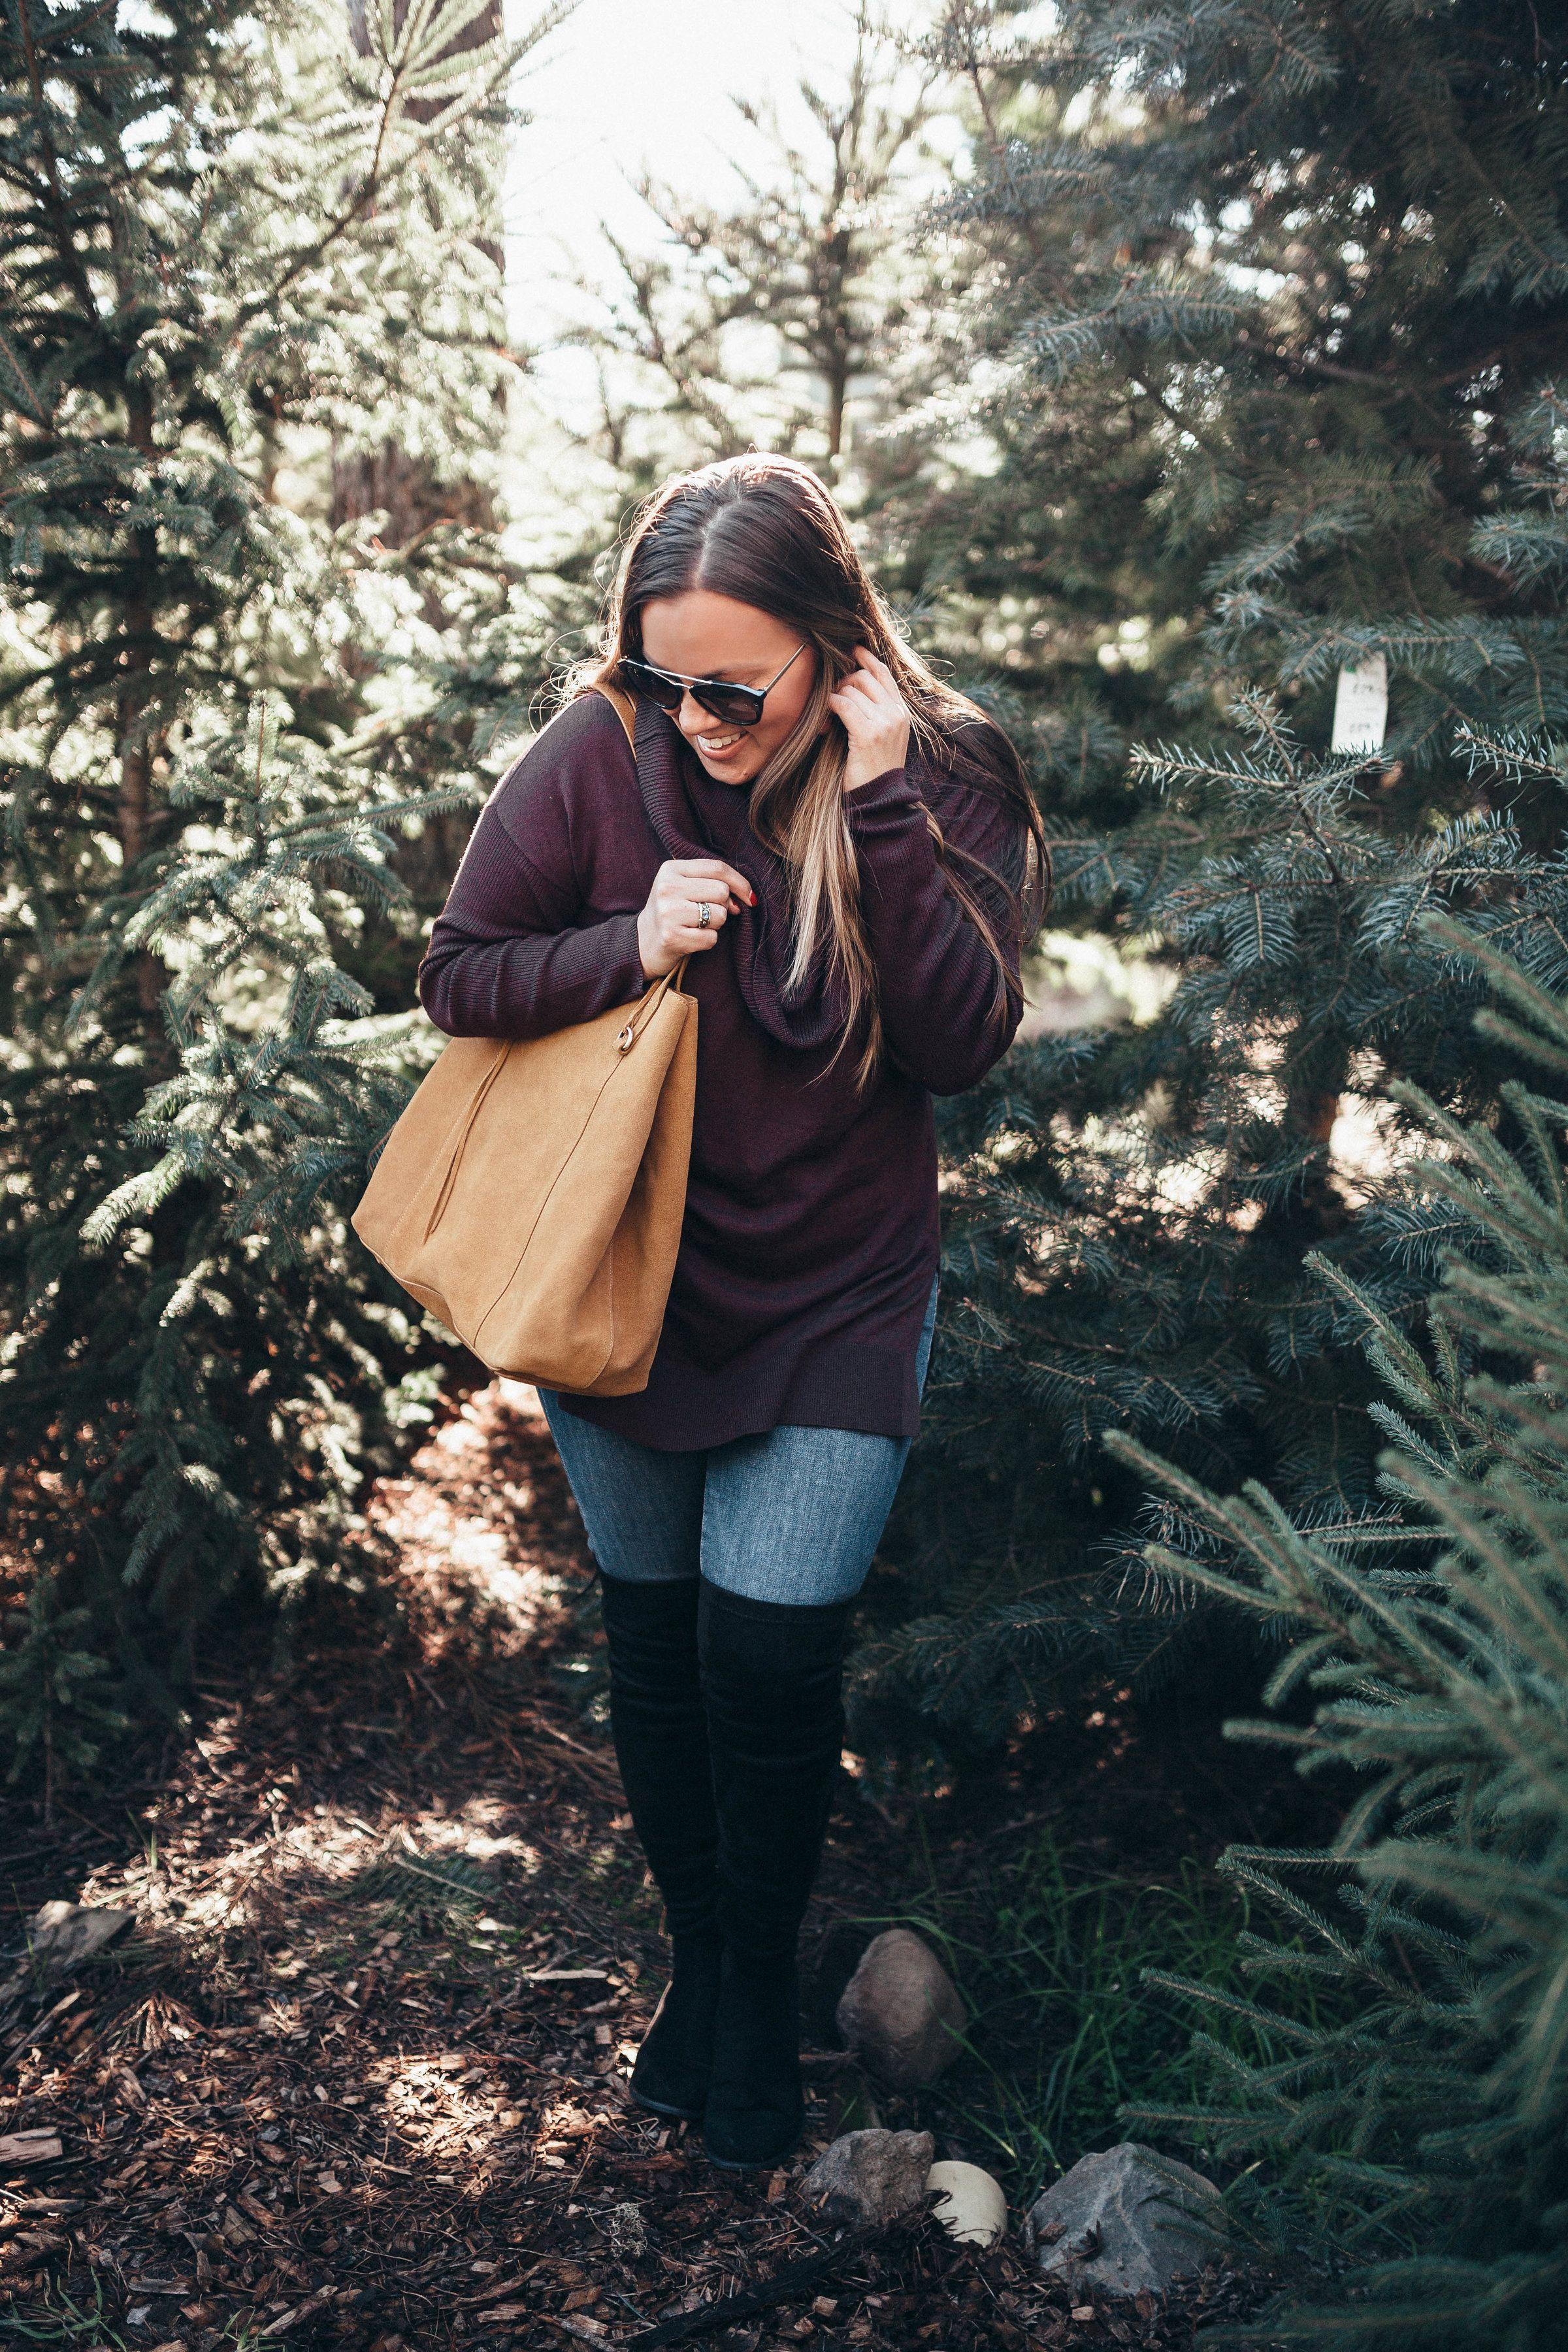 Hobo Tote Bag New Trends Ashley Emily Hobo Tote Hobo Hobo Tote Bag